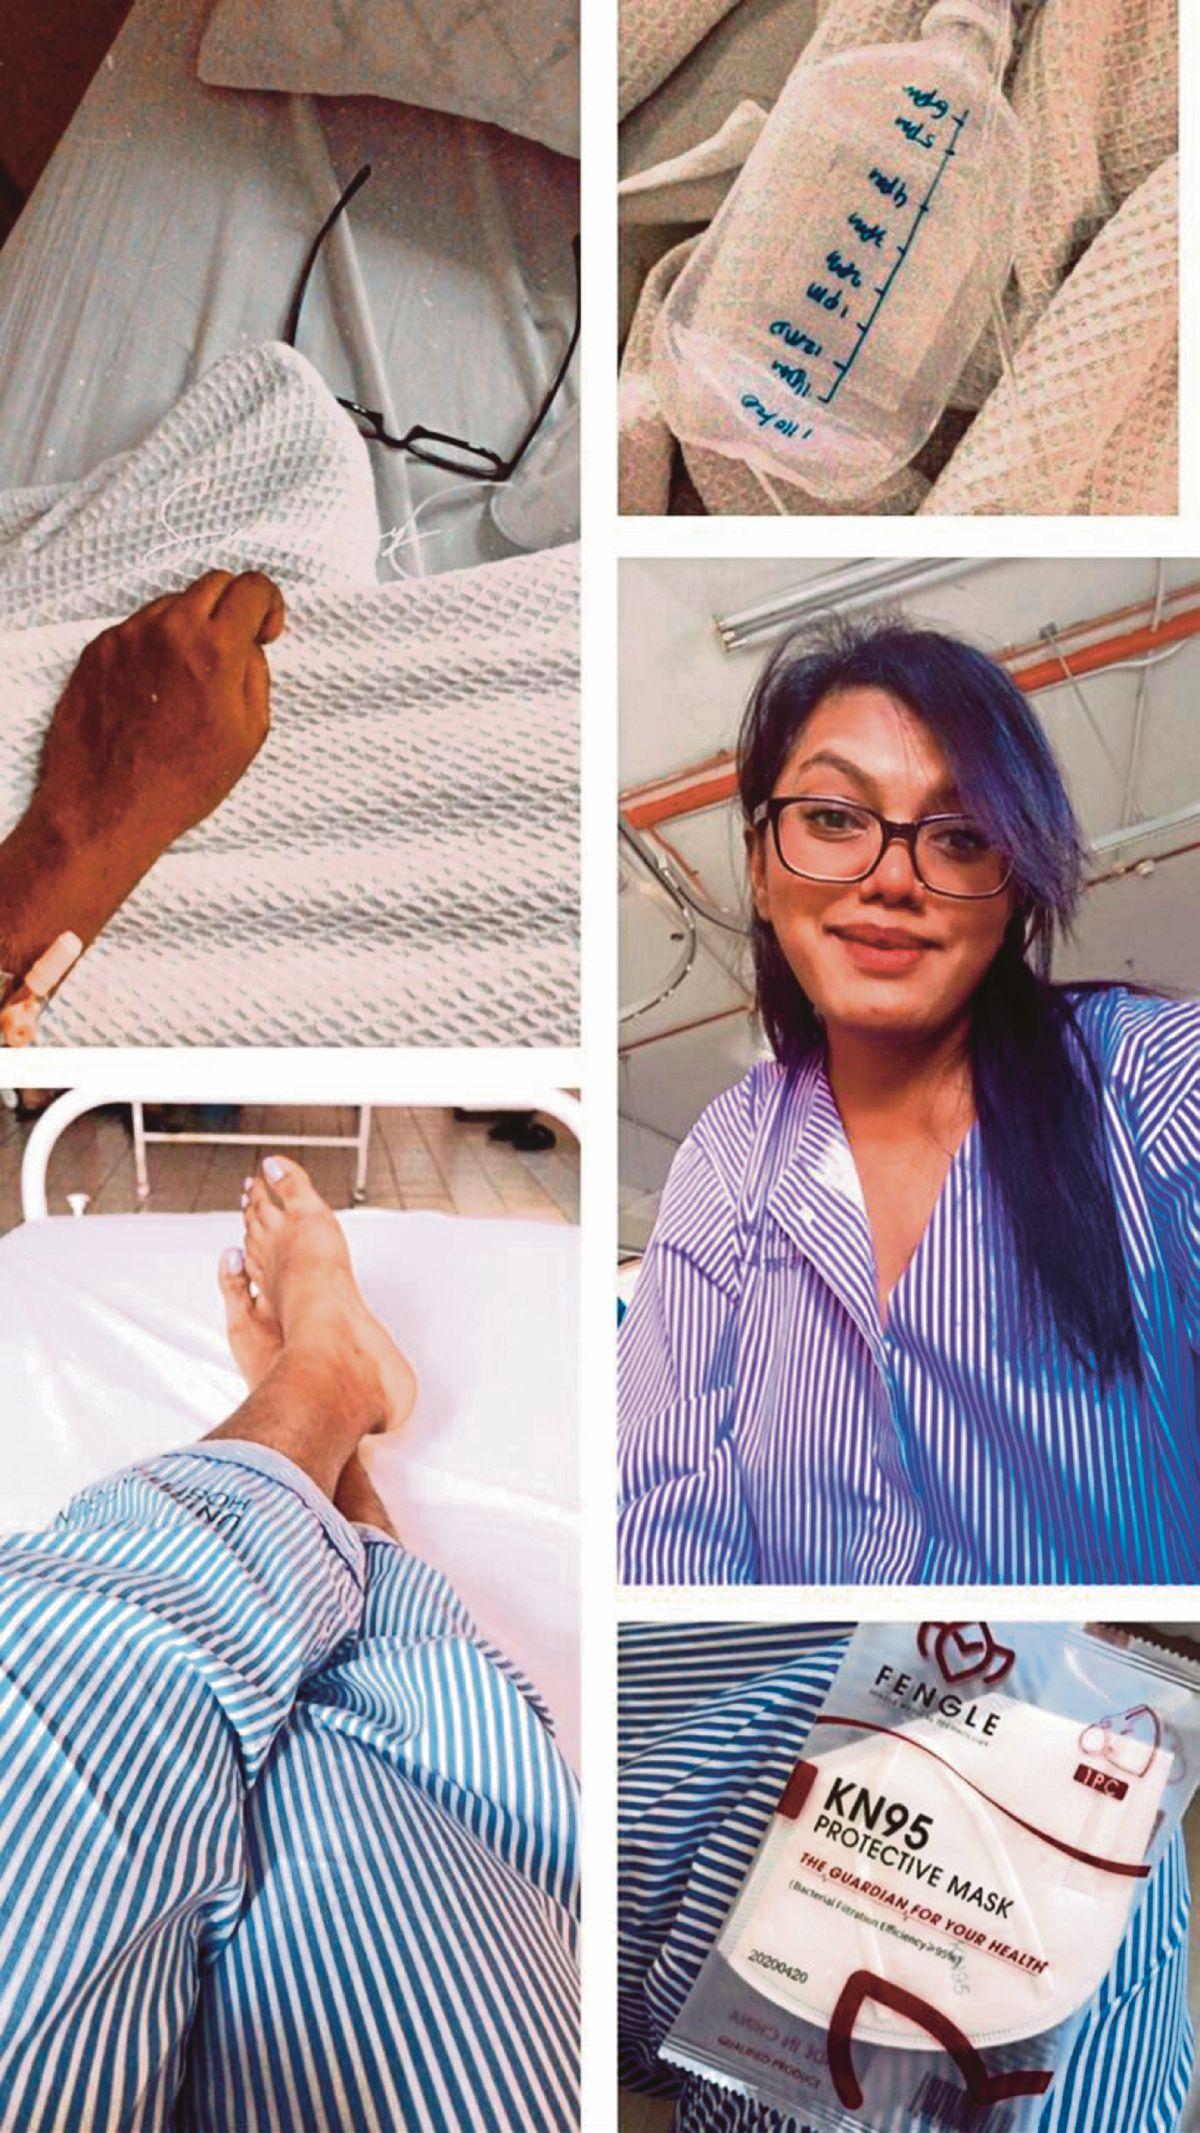 DR Saraswathy ditempatkan di wad selama 15 hari selepas dijangkiti Covid-19.